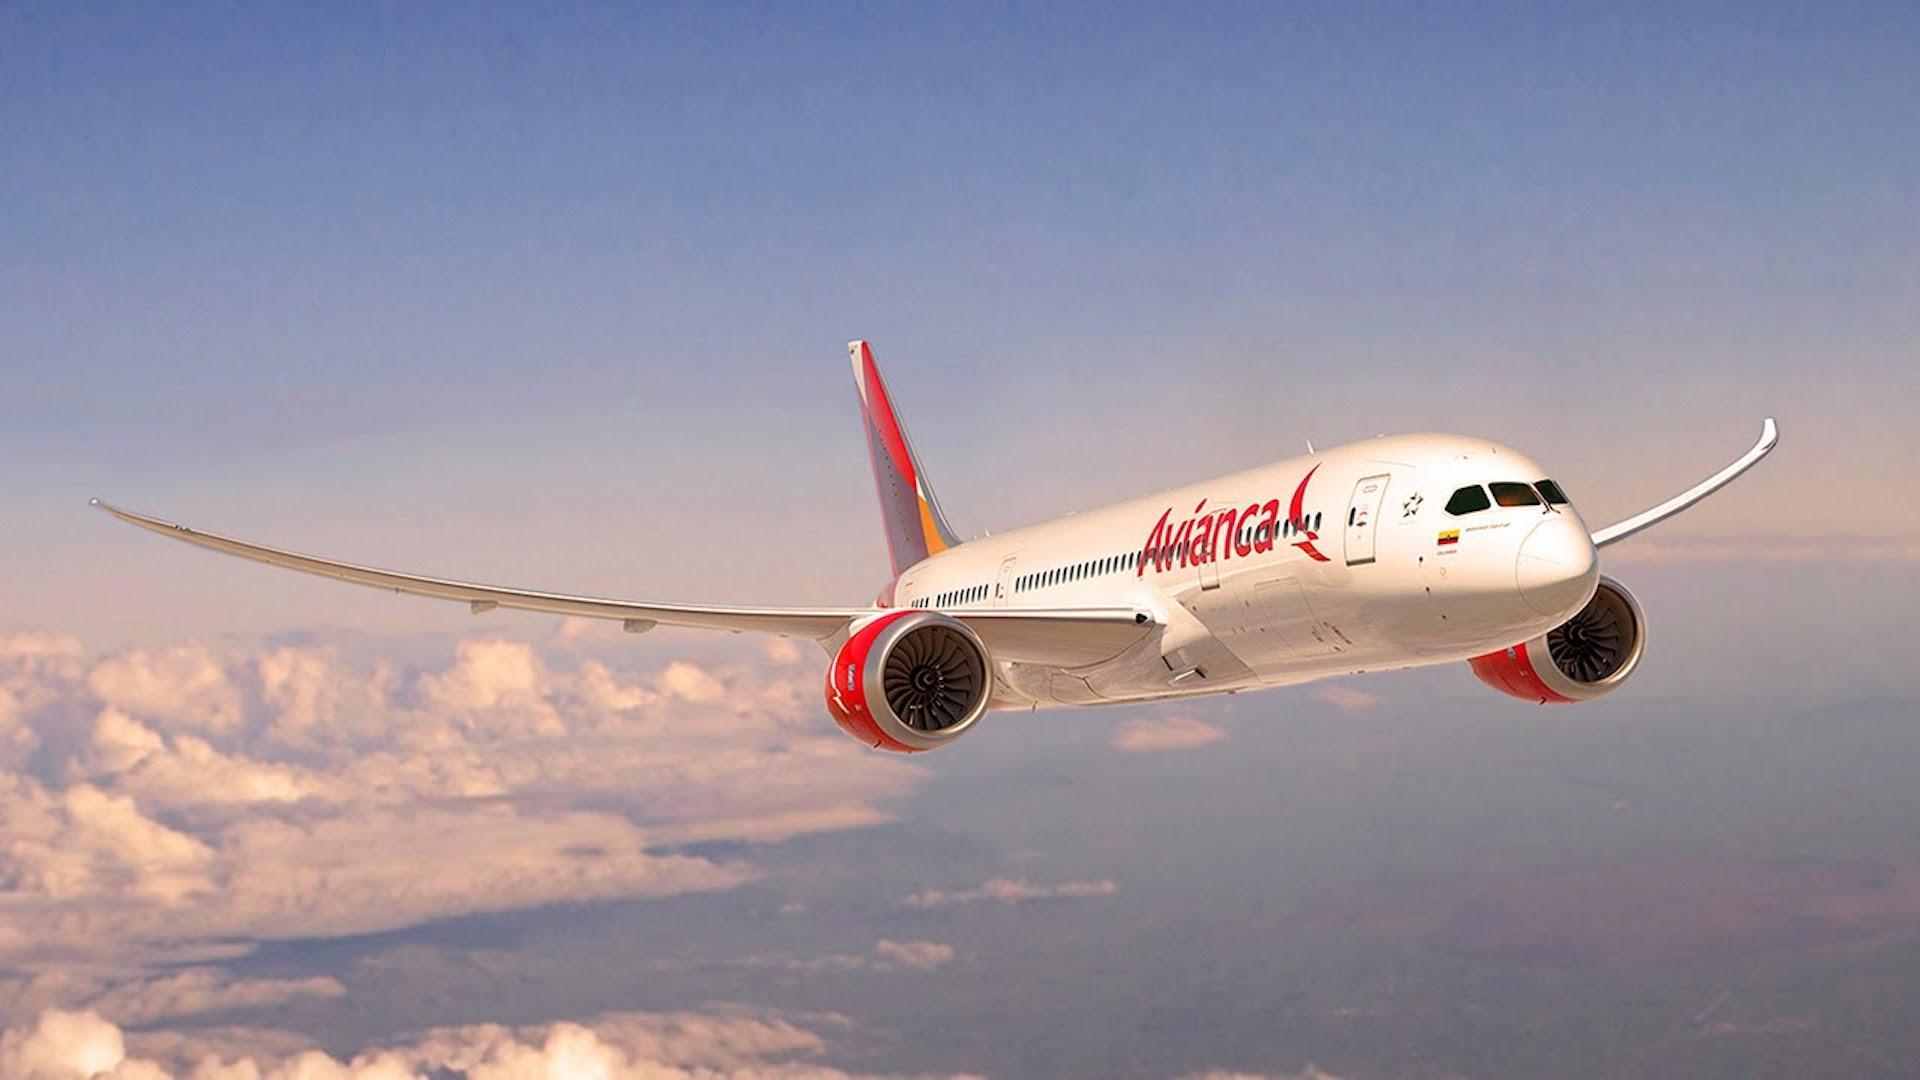 Avianca comenzaría a operar en Argentina con vuelos domésticos a partir de 2017